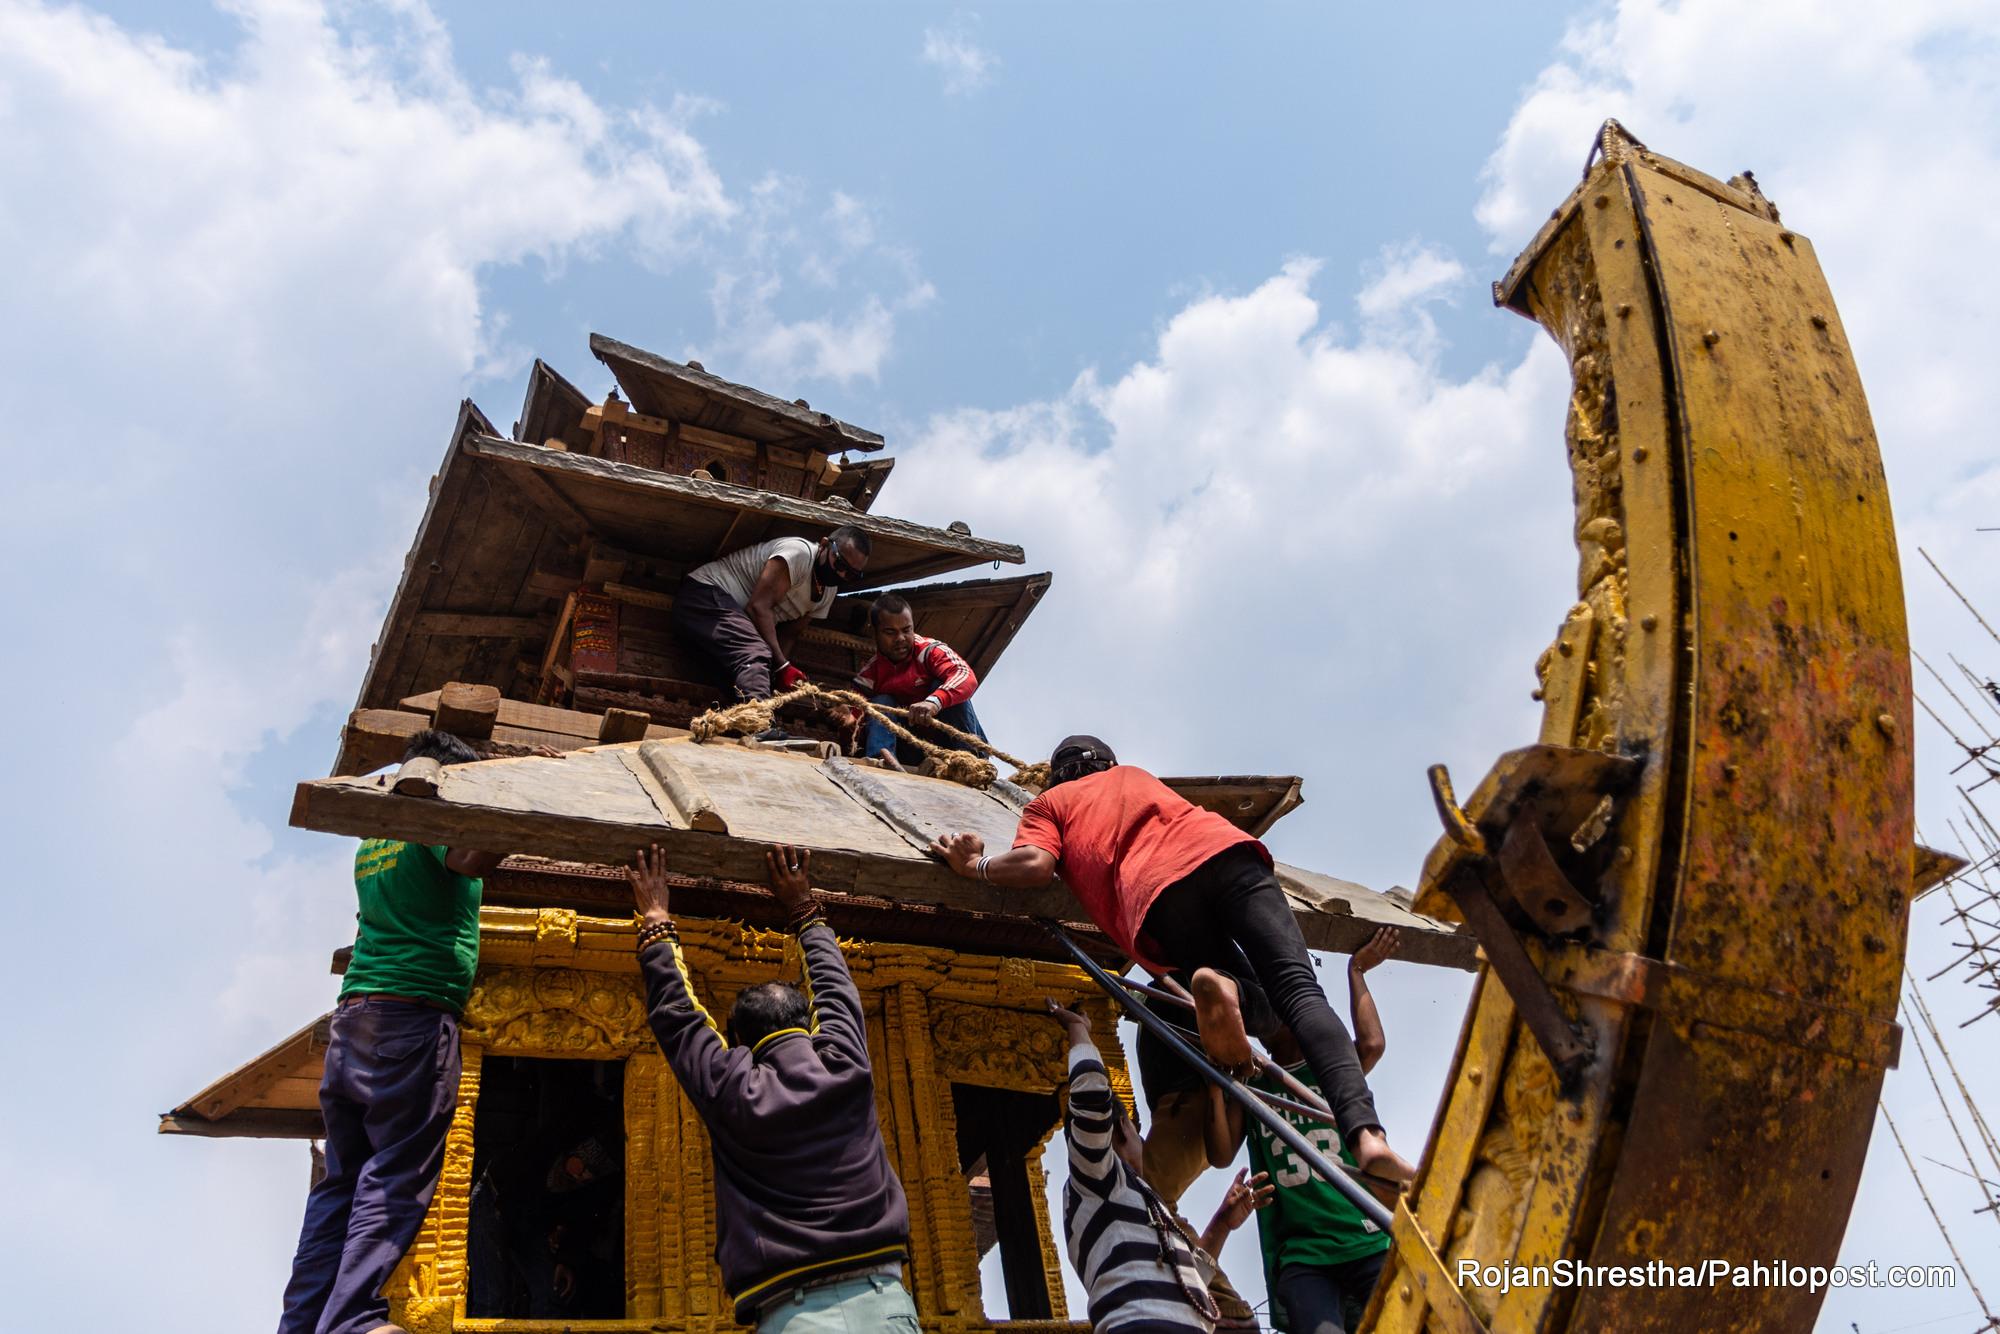 बिस्काको तयारीमा व्यस्त भक्तपुर: दाफाहरुमा गुञ्जिन थाल्यो 'थथिं जा:गु रसबस तोल-ताव, राम हं जि गन वने'